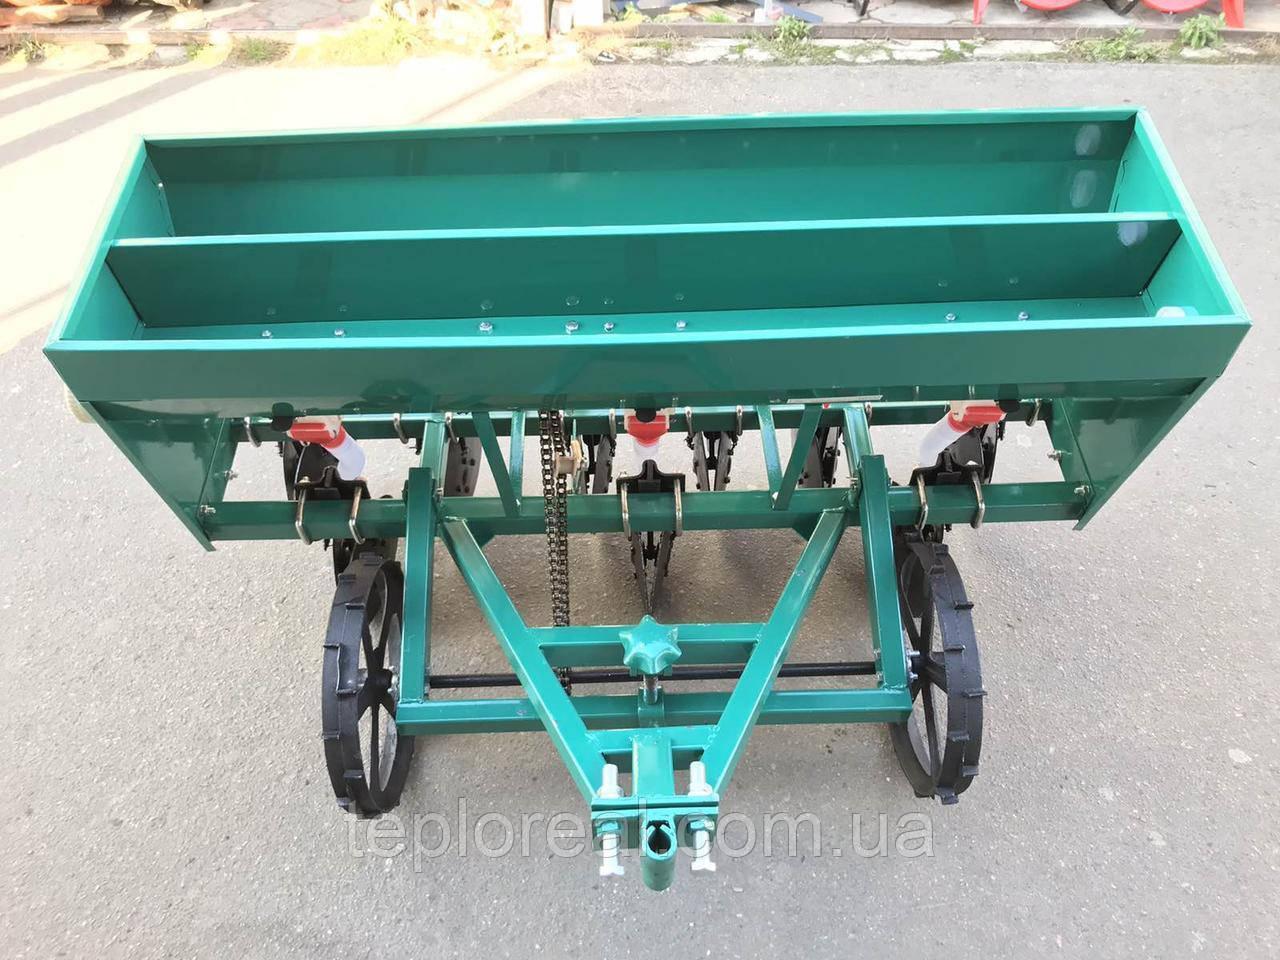 Сеялка зерновая СЗ 6-115УД дисковая на шесть рядов с бункером для удобрений на мотоблок и мототрактор.